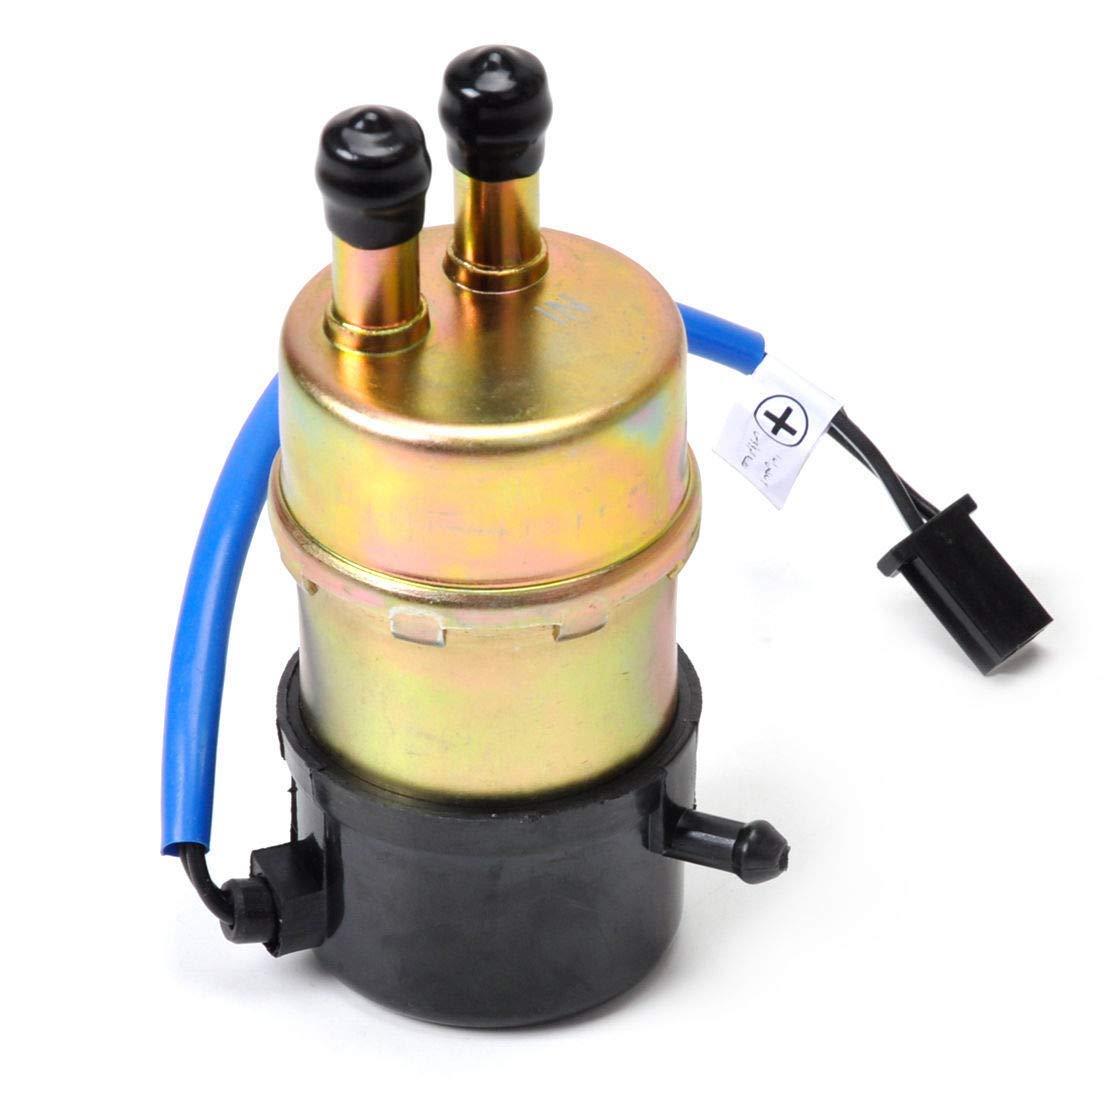 Fuel Pump For Honda CBR600F F3 F4 1986 1987 1988 1989 1990 1991-1999 2000